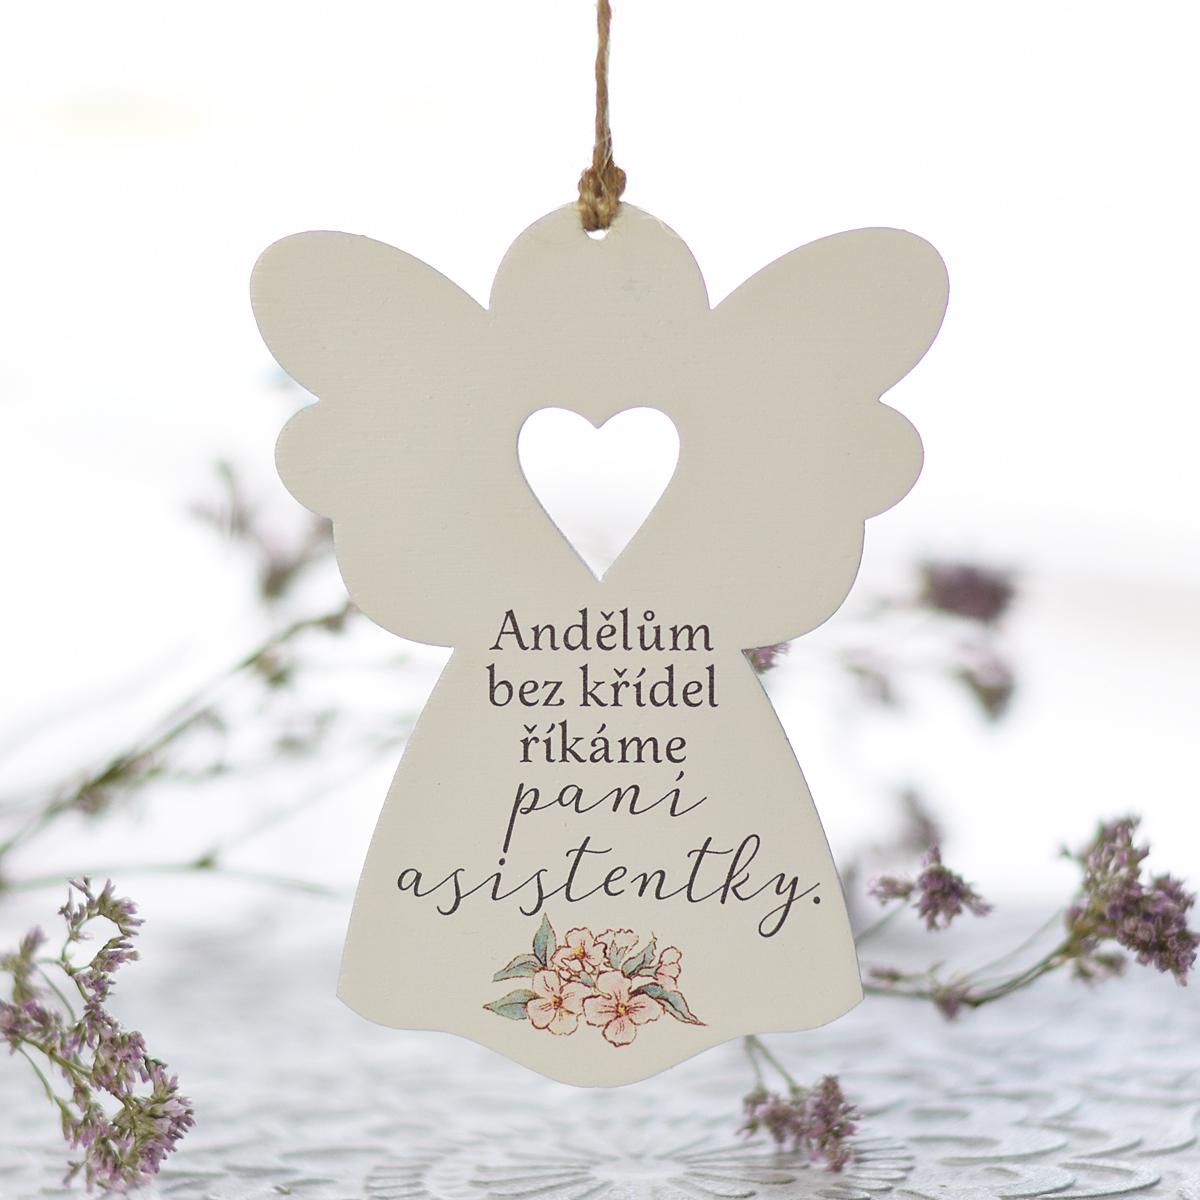 HOUSEDECOR Anděl se srdcem - Paní asistentce